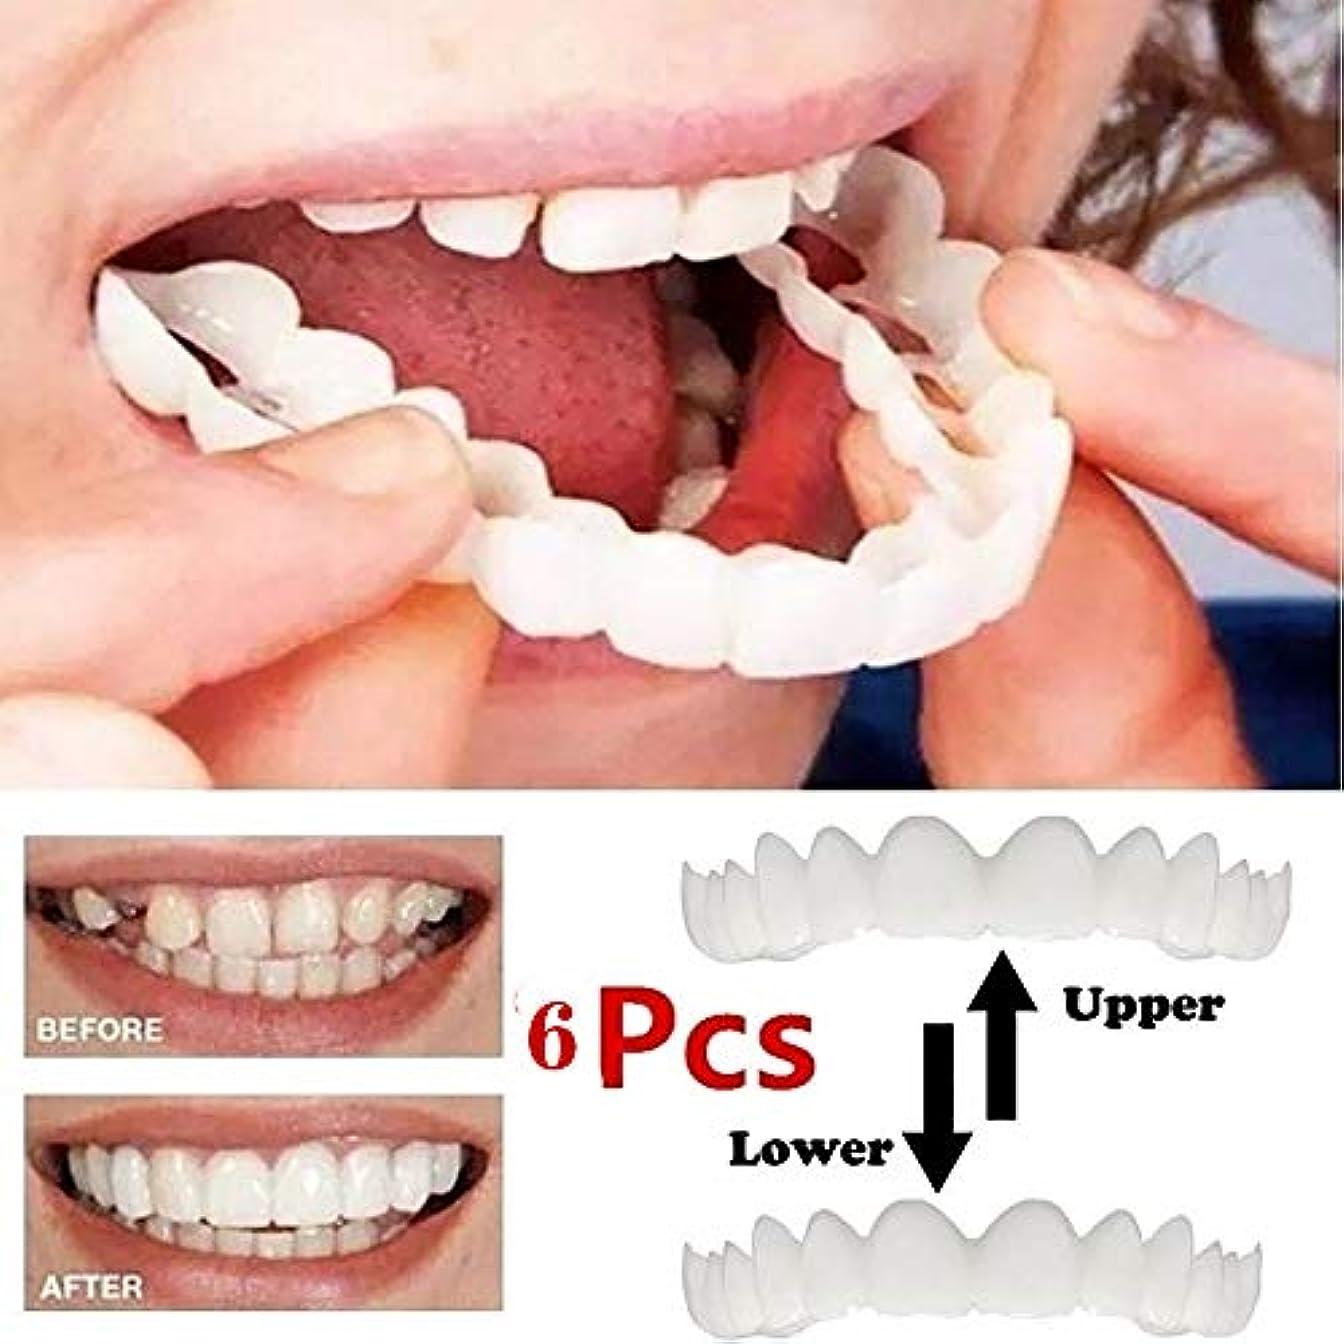 保育園スペイン語機転最新の突き板の歯、化粧品の歯3ペア - 一時的な笑顔の快適さフィットフレックス化粧品の歯、ワンサイズが最もフィット、快適なトップとボトムベニア - 歯突き板(ボトム+トップ)